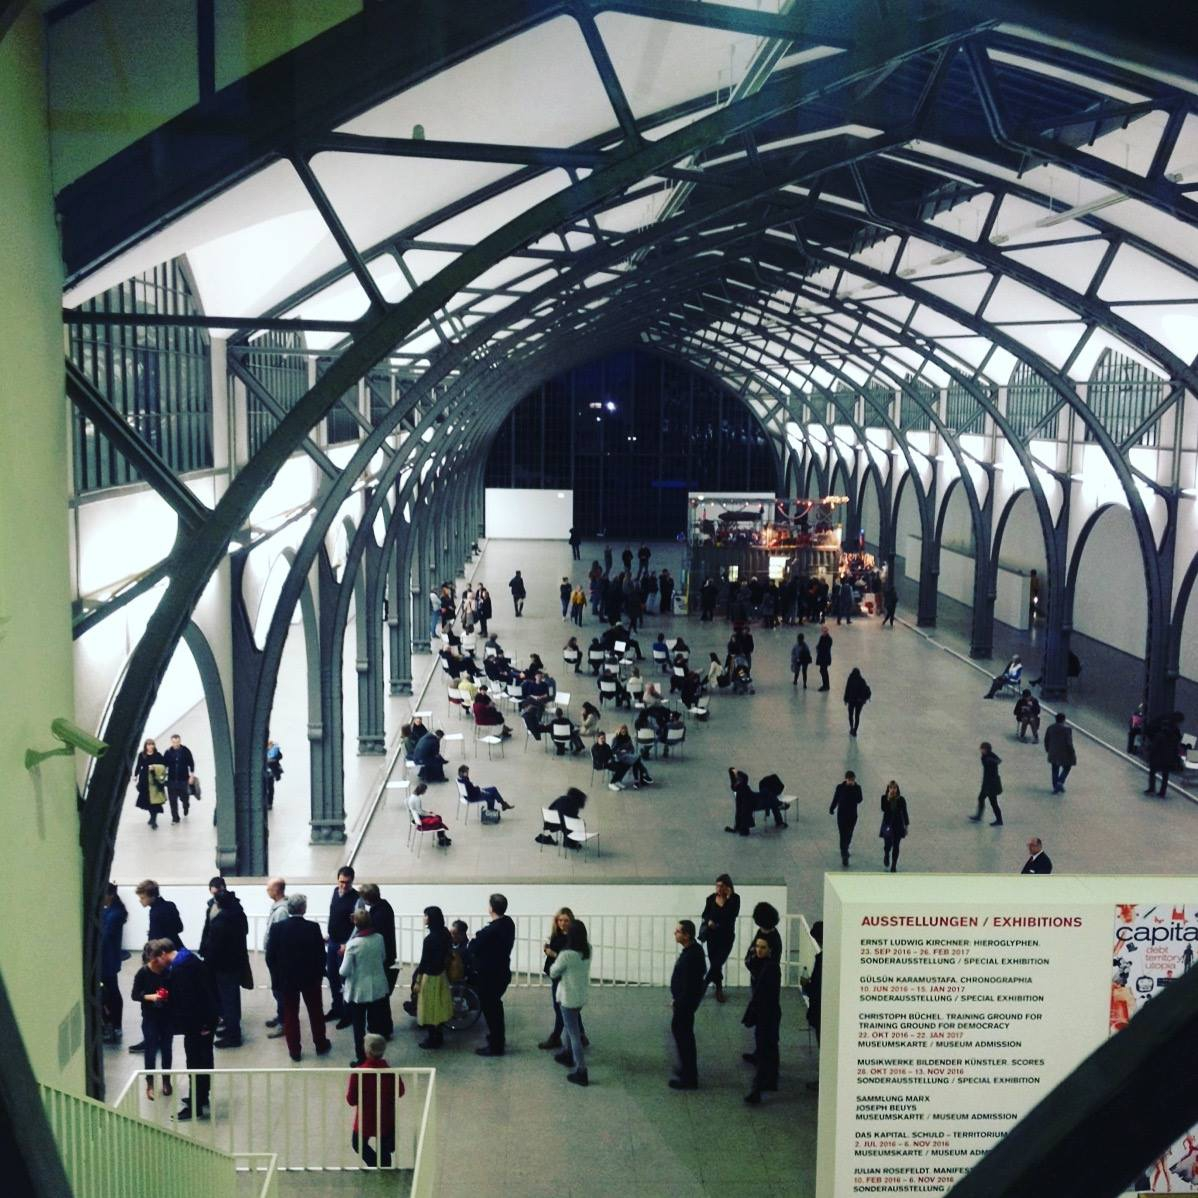 Hamburger Bahnhof in Berlin   My Guide Berlin